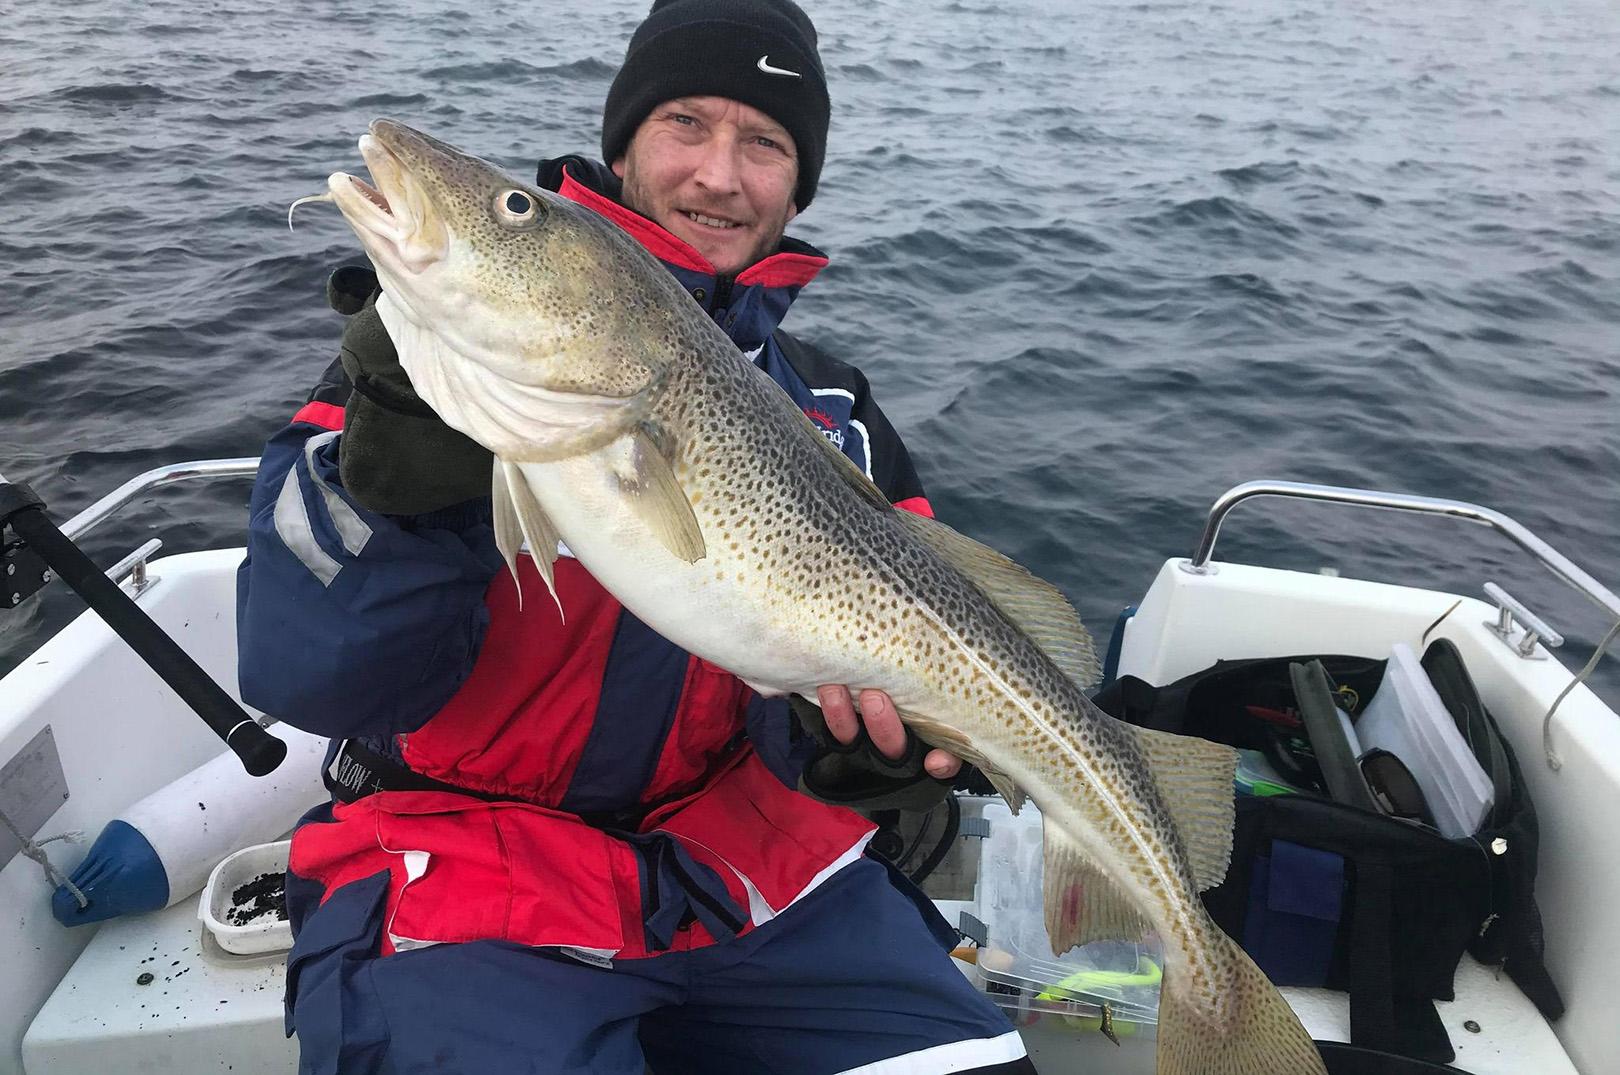 Johnni med sin flotte torsk på næsten syv kilo taget på spin i Øresund